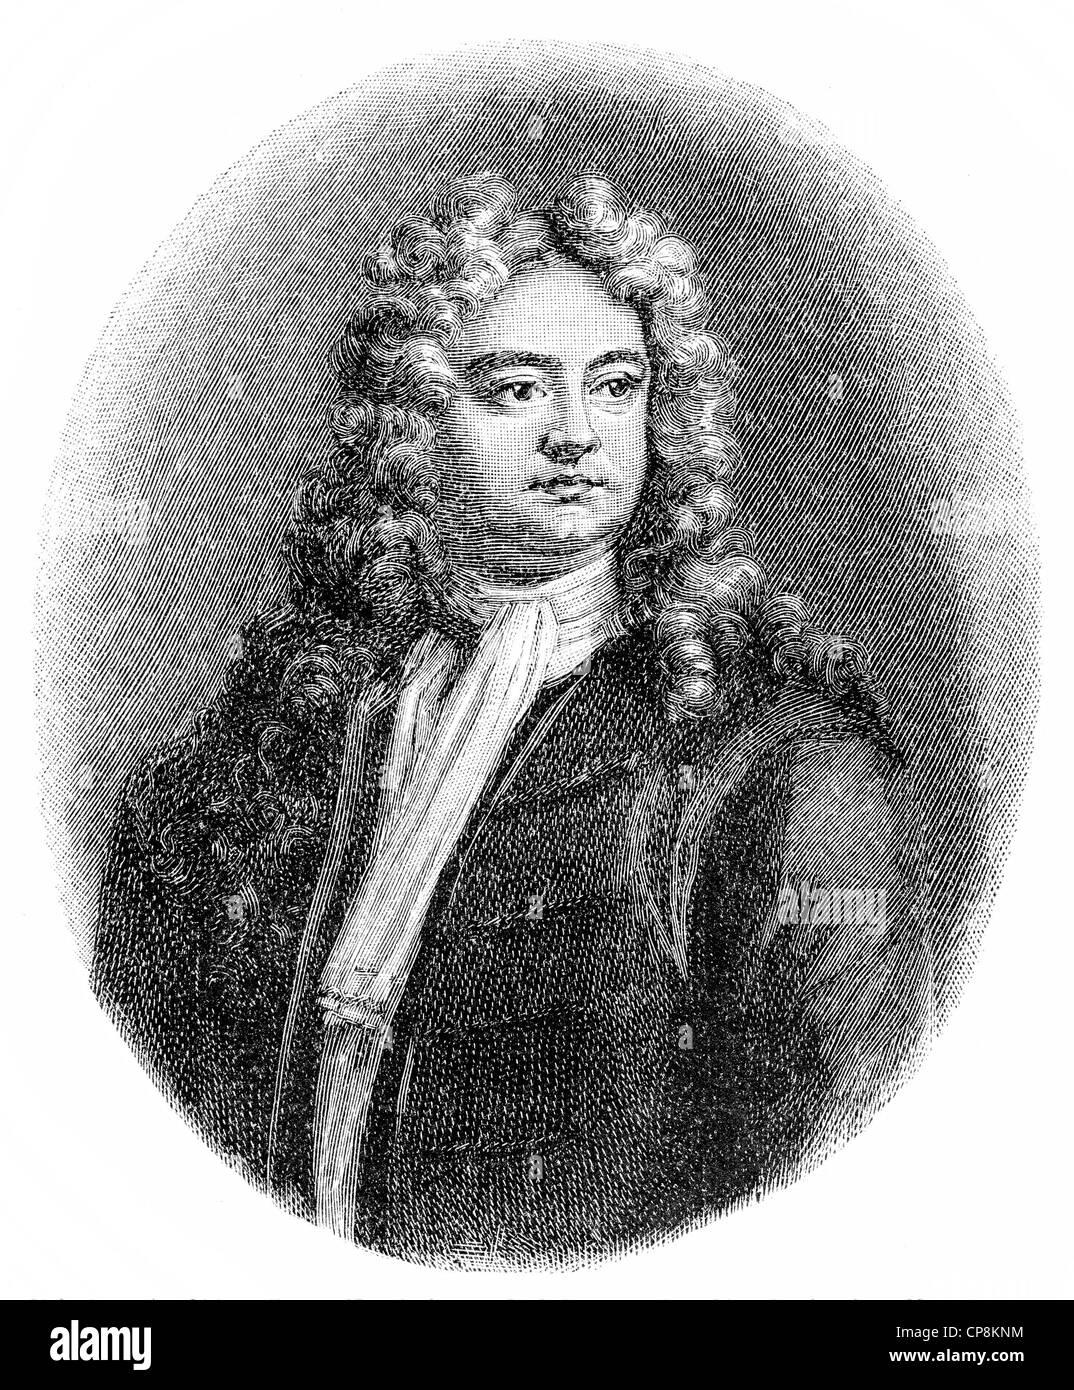 Richard Steele, an English writer, Historische Zeichnung aus dem 19. Jahrhundert, Portrait von Sir Richard Steele, - Stock Image